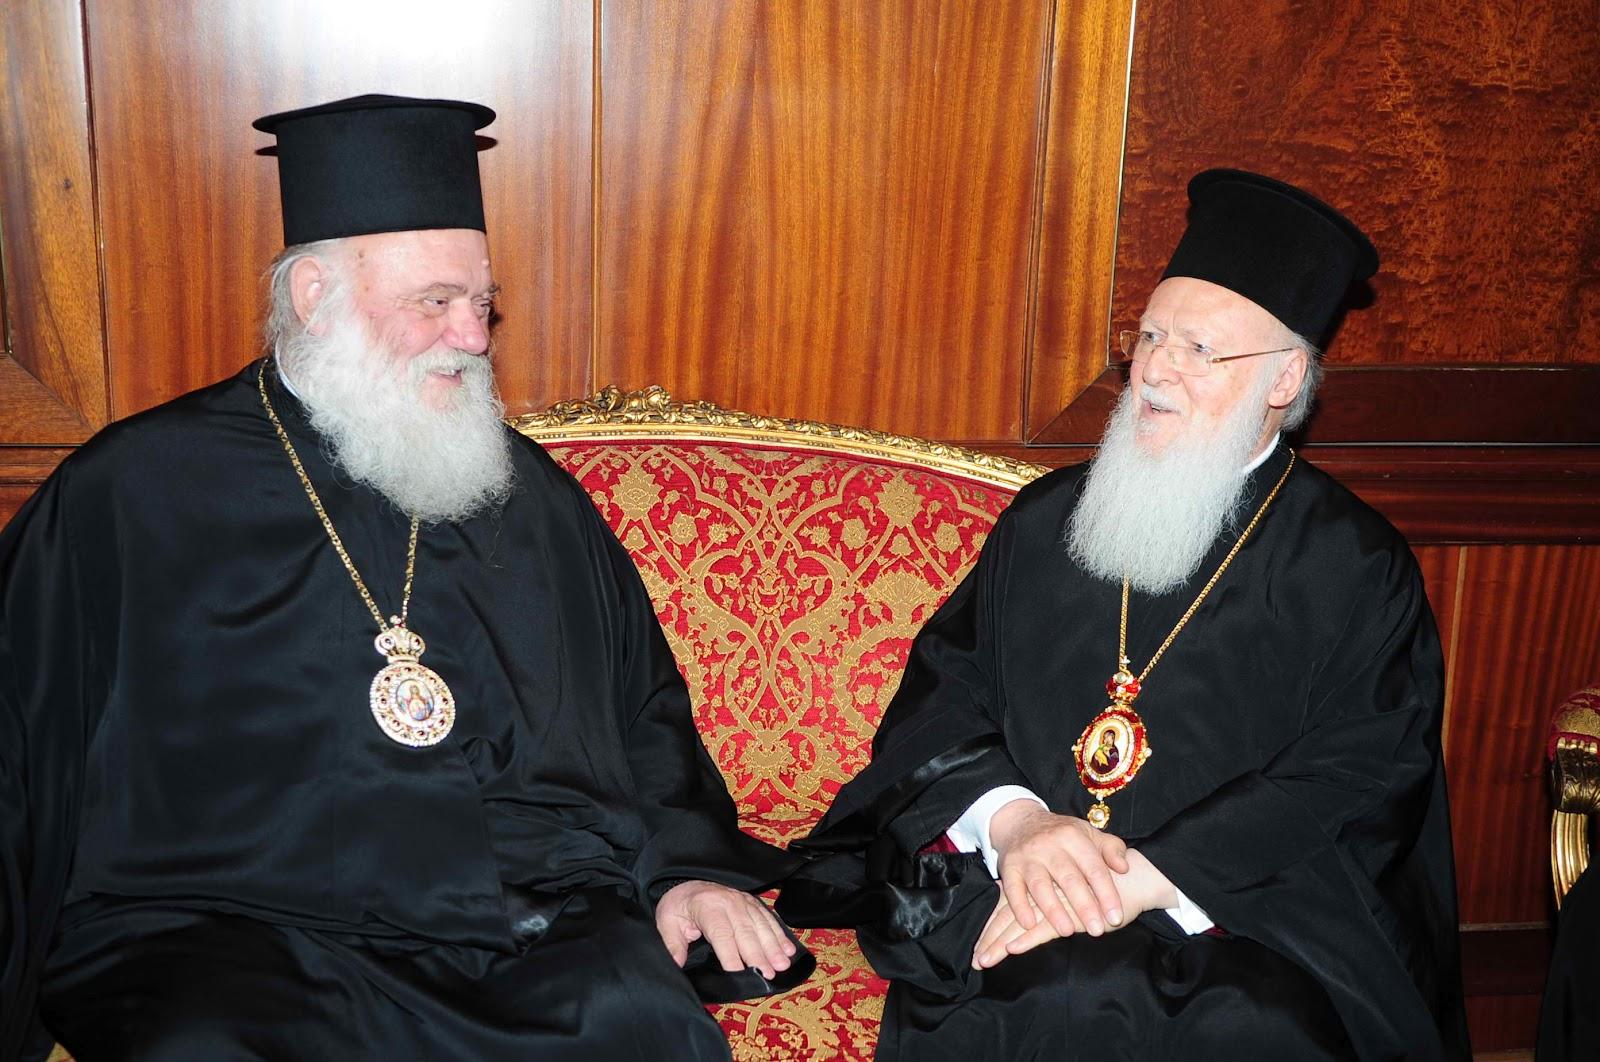 Στο Φανάρι τον Ιούνιο ο Αρχιεπίσκοπος Ιερώνυμος